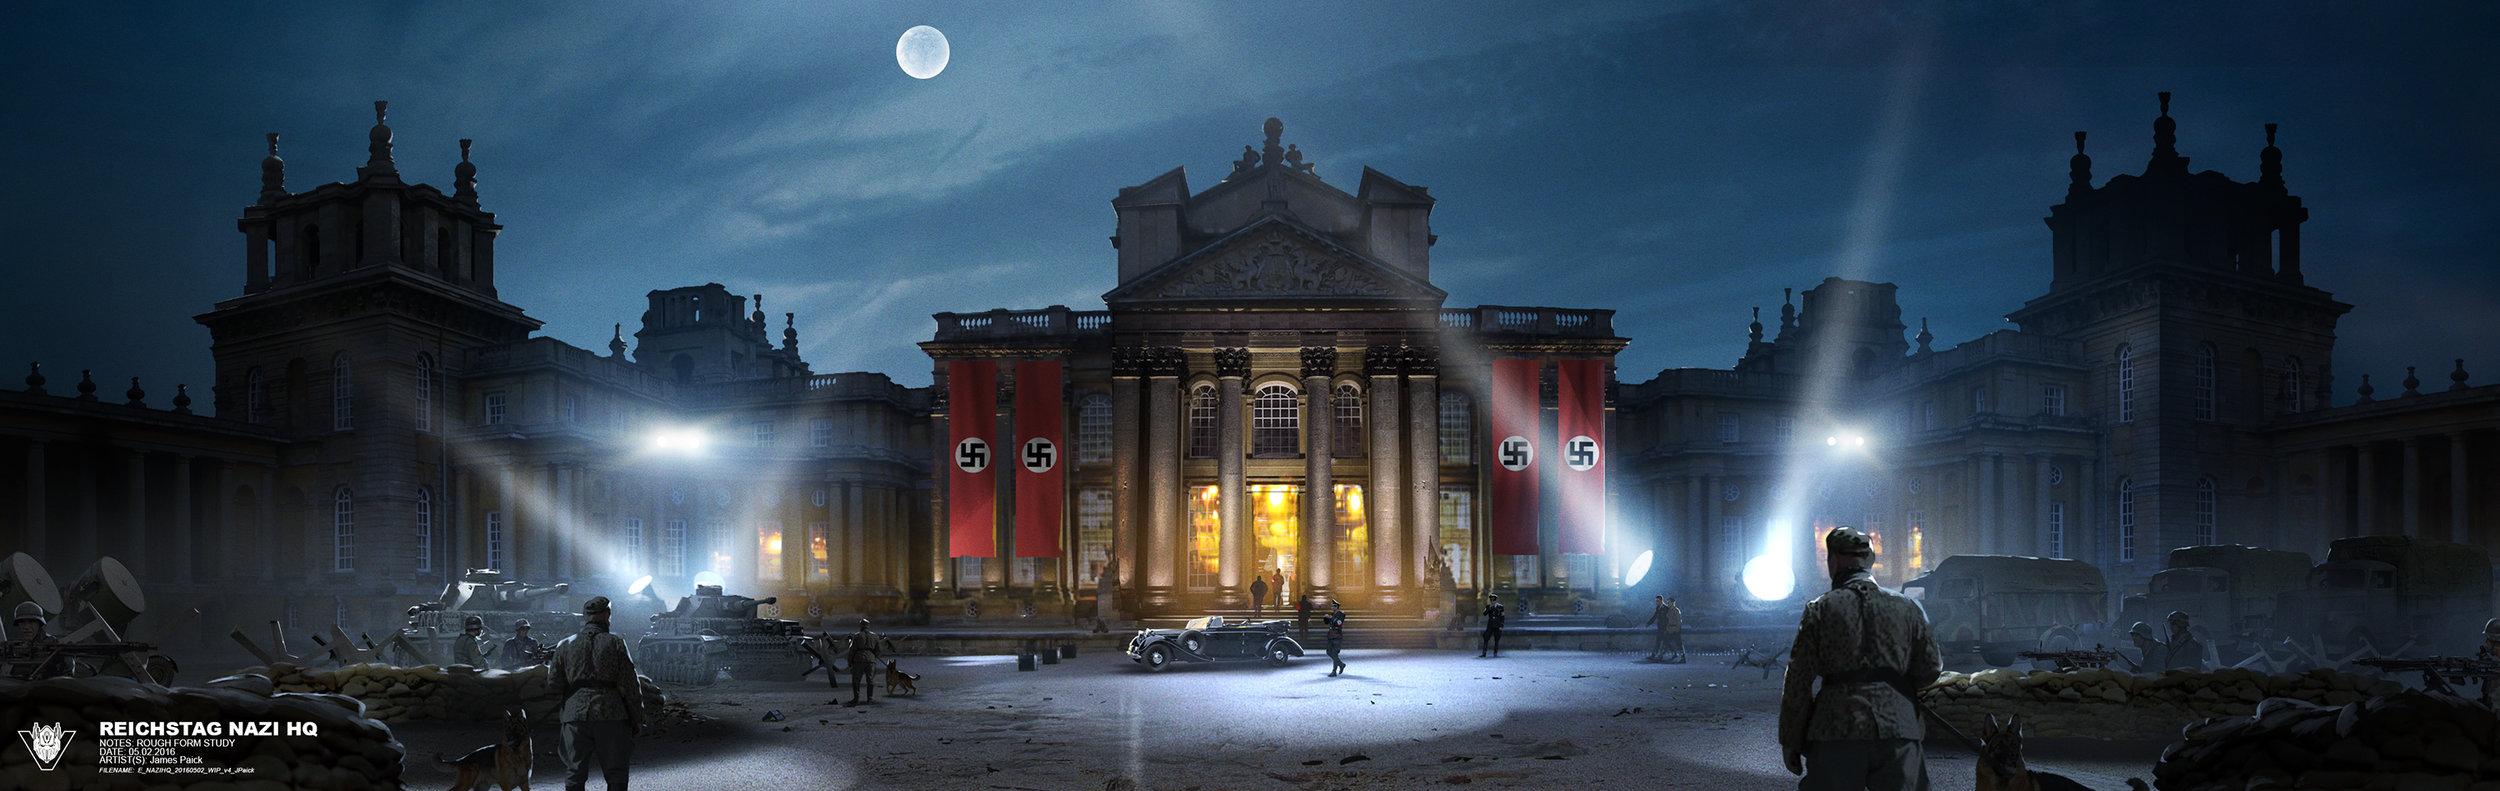 Film Concept Design: Transformers V